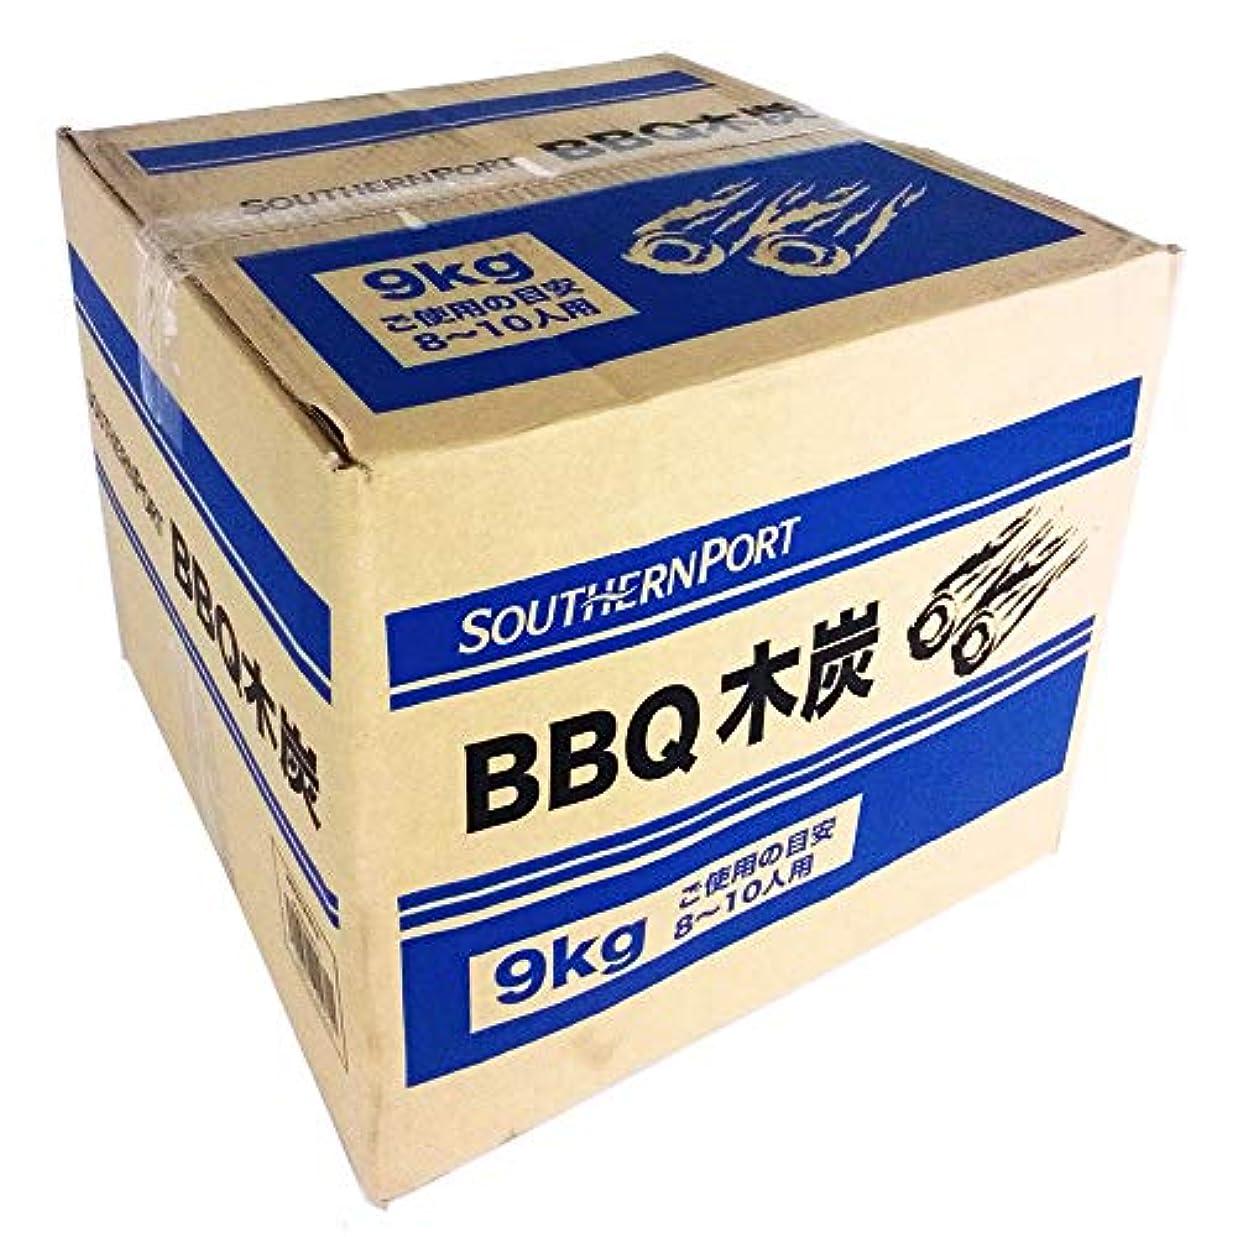 素晴らしい検出速度コーナン オリジナル コーナン オリジナル BBQ用 木炭 9Kg (約5~12cm)